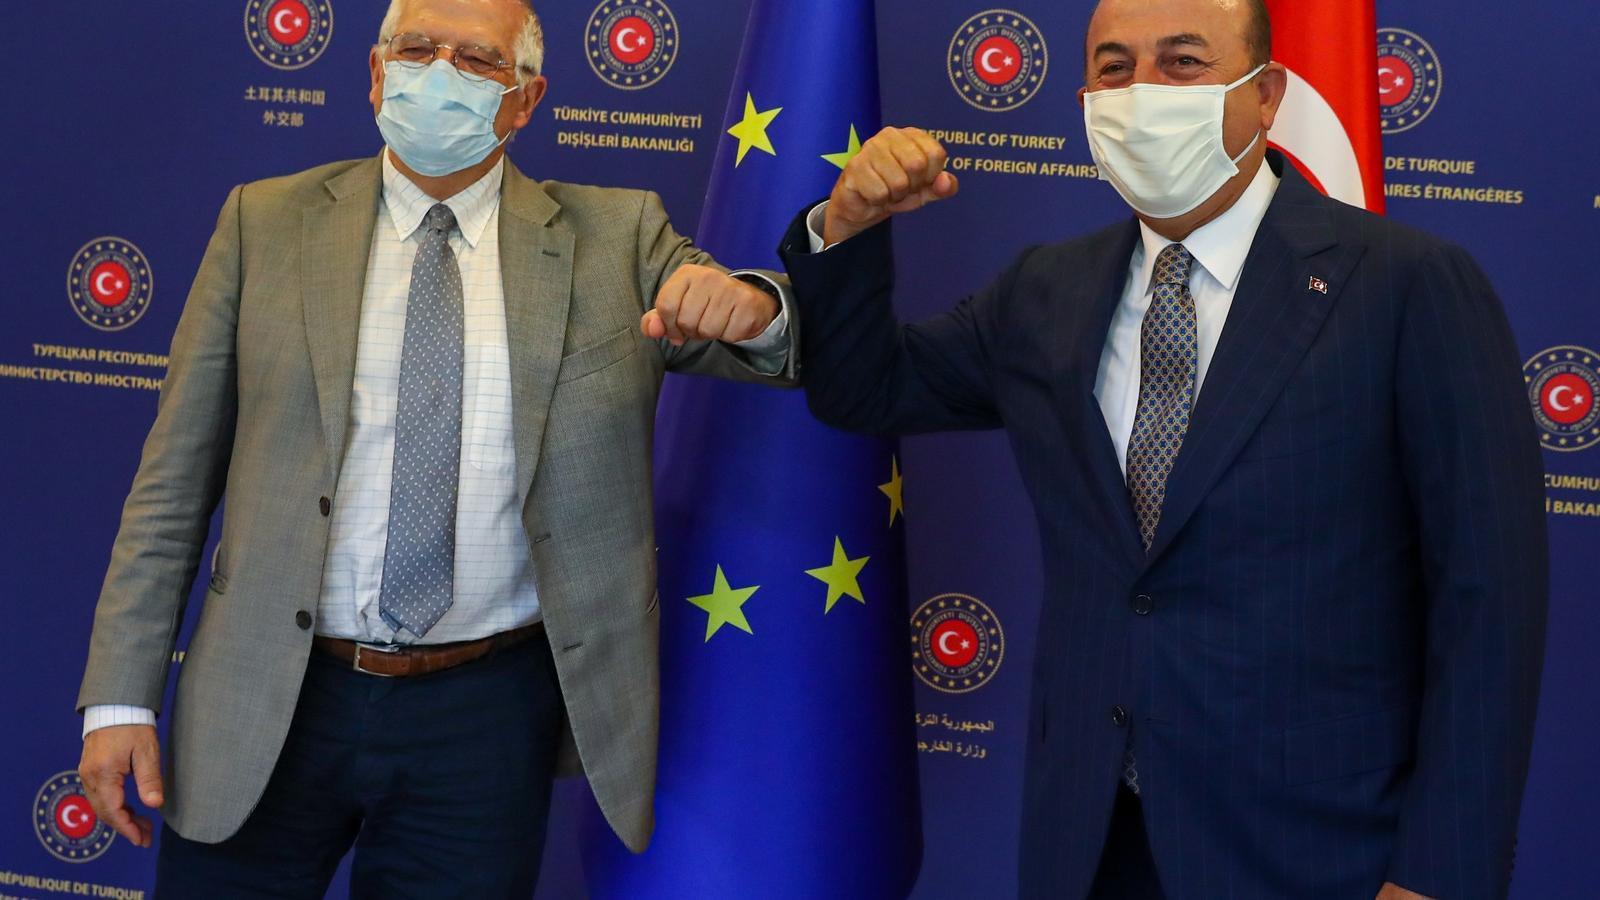 L'Alt Representant de la UE, Josep Borrell, amb el ministre turc d'Exteriors, Mevlut Cavusoglu.